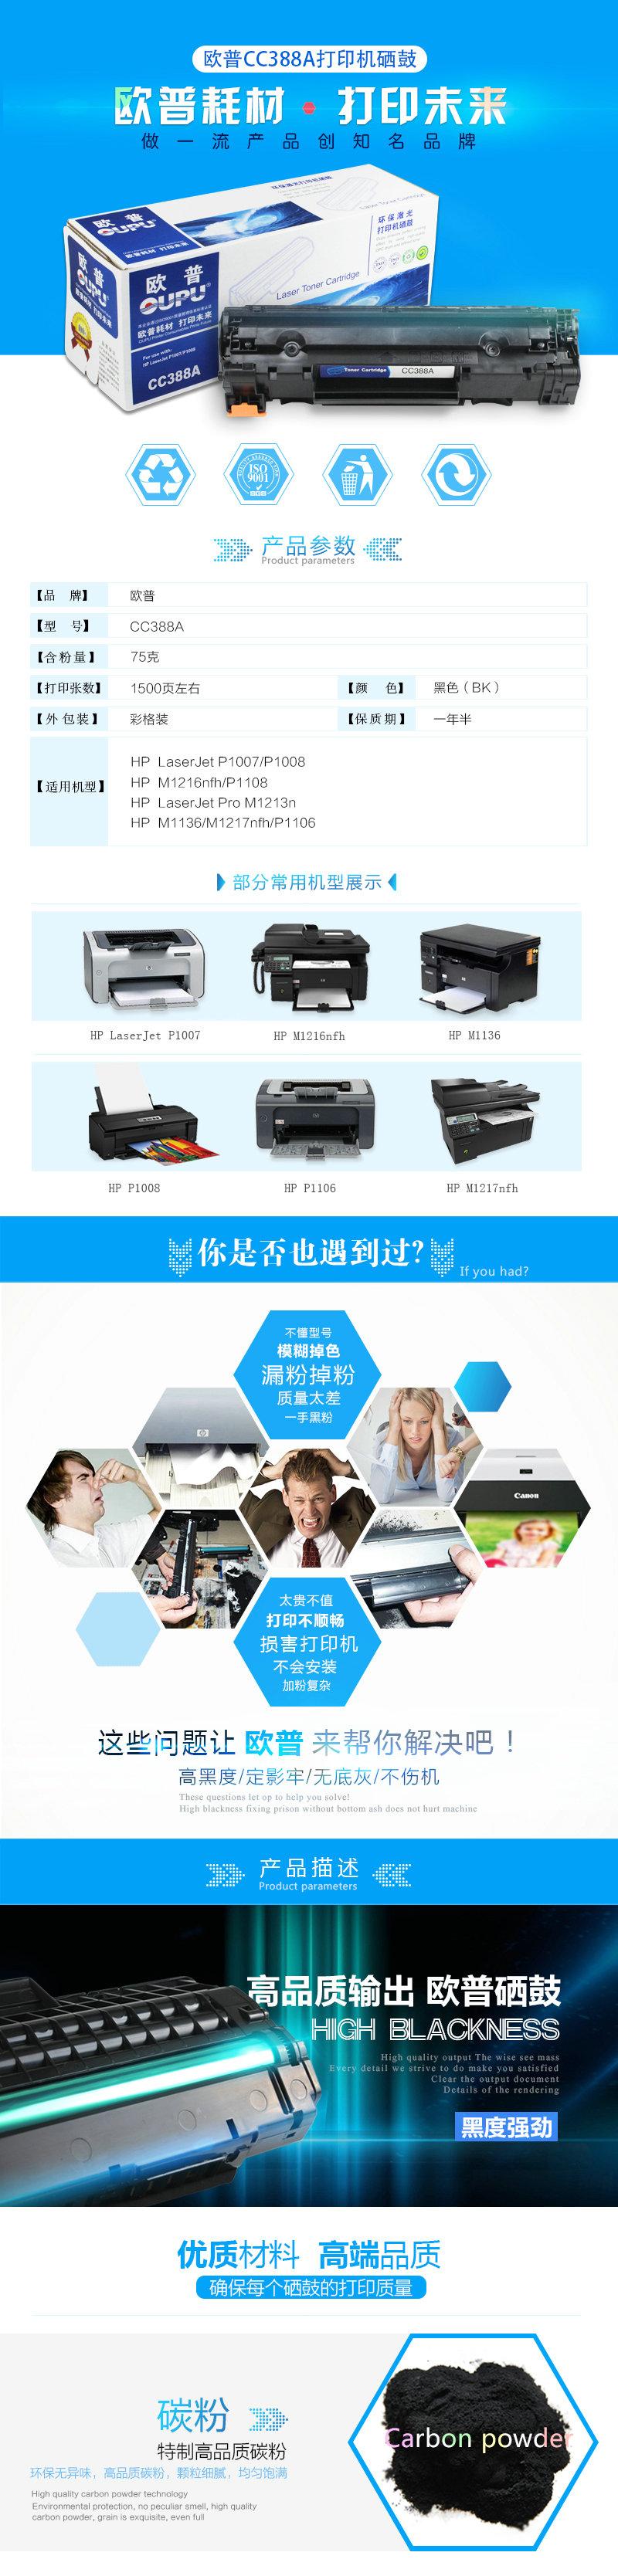 欧普CC388A打印机万博体育手机官网登录-普通